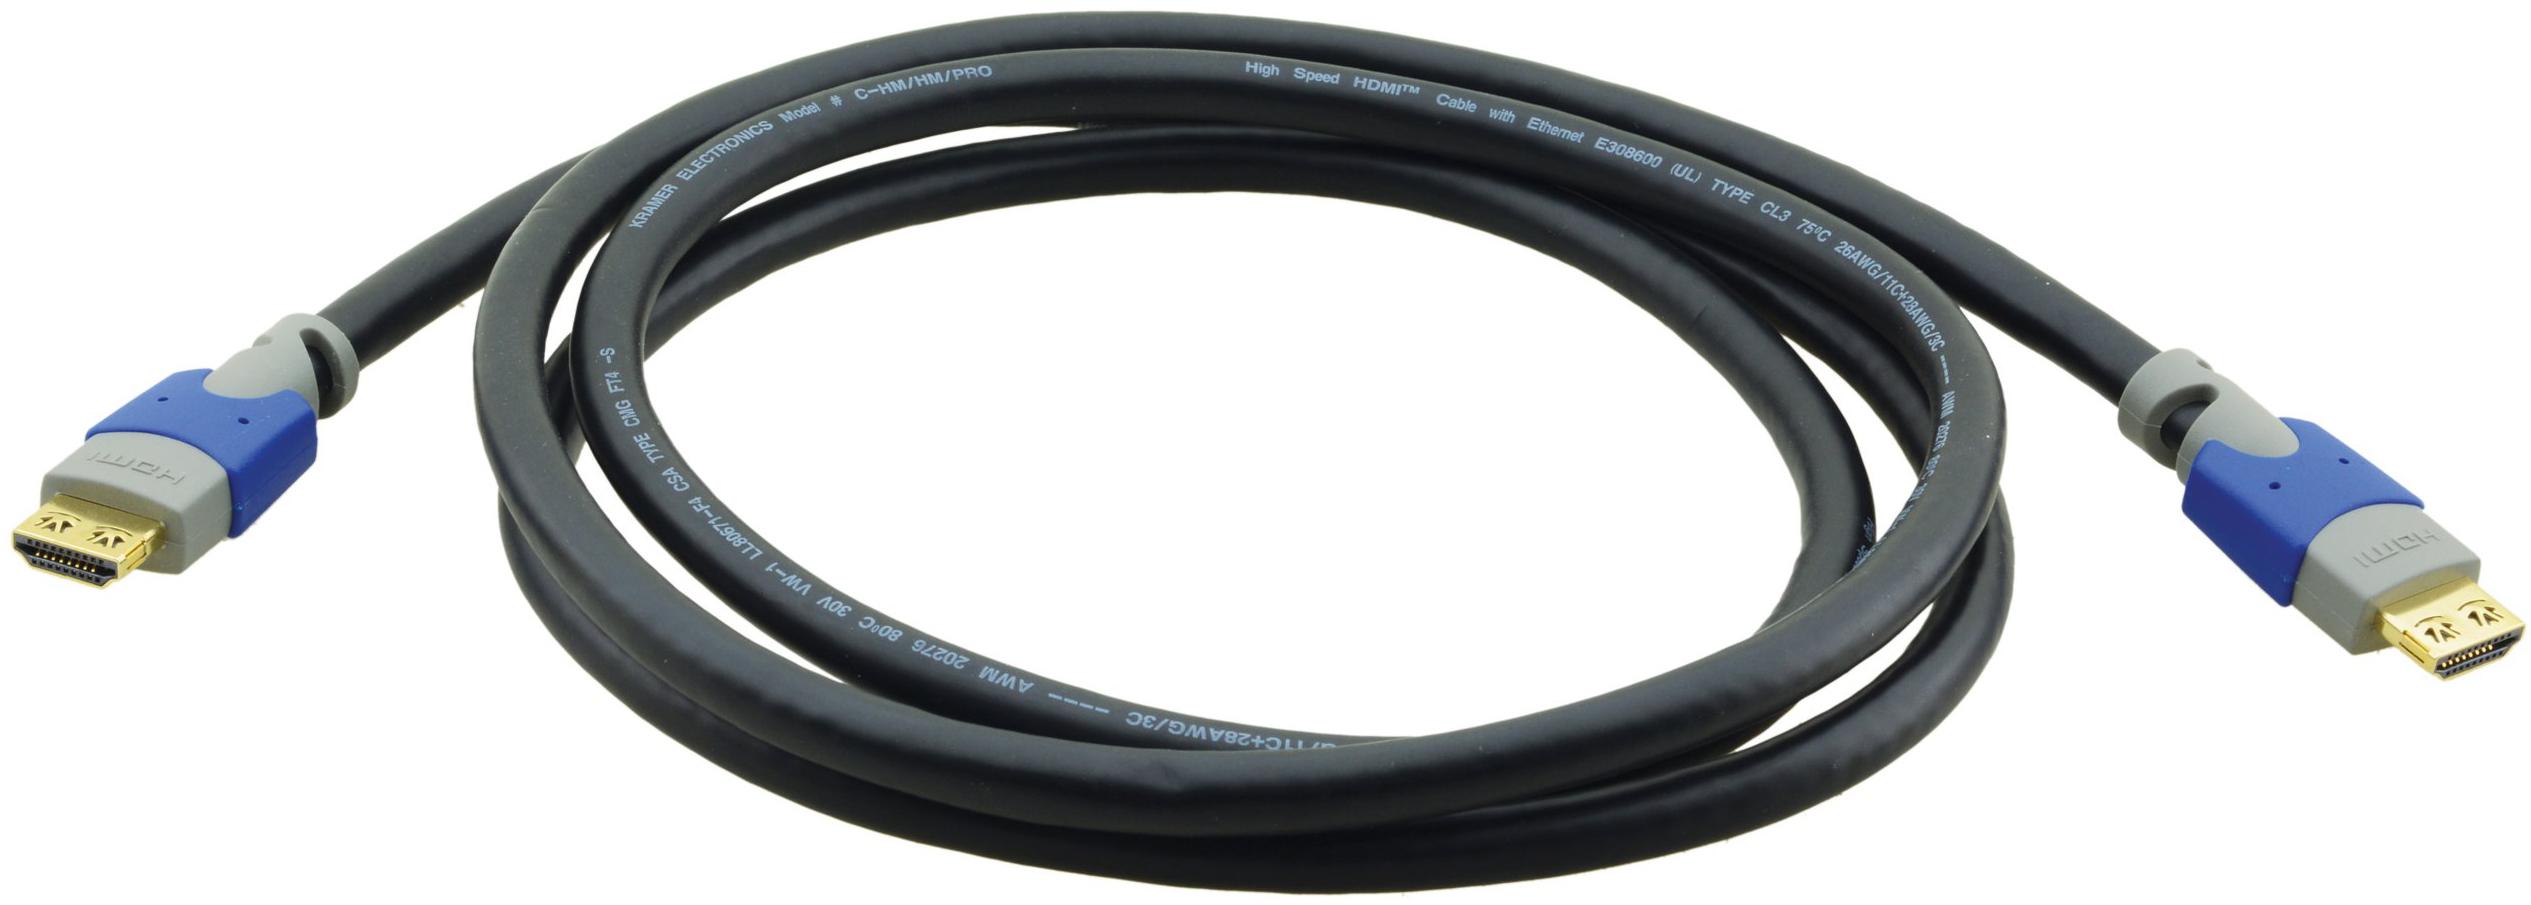 Kramer LSHF 4K Fibre-Optic HDMI M-M Cable - 98ft